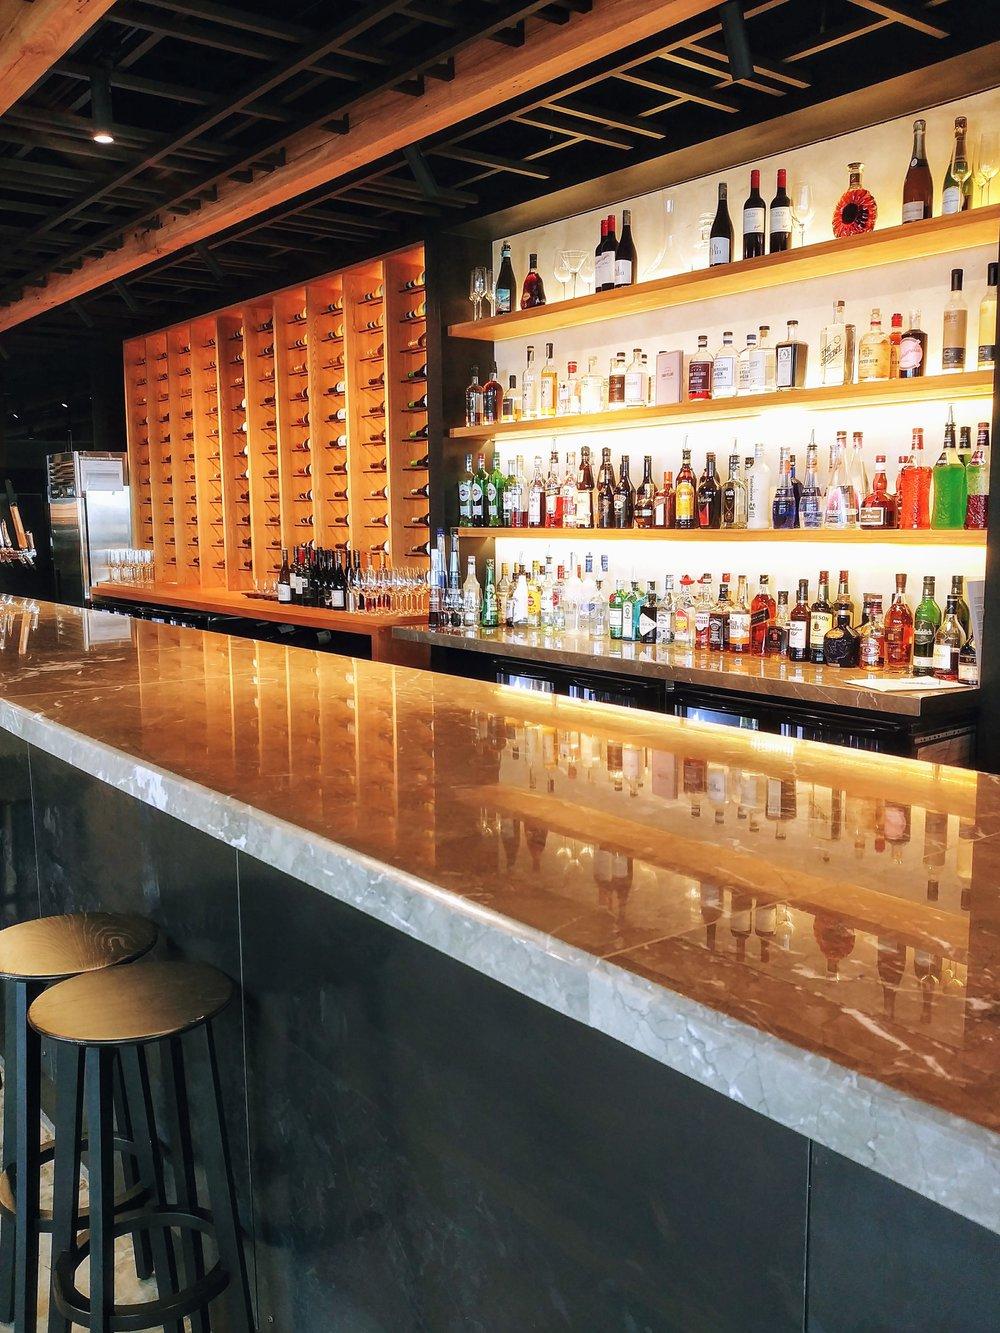 Love the bar design...so sage!